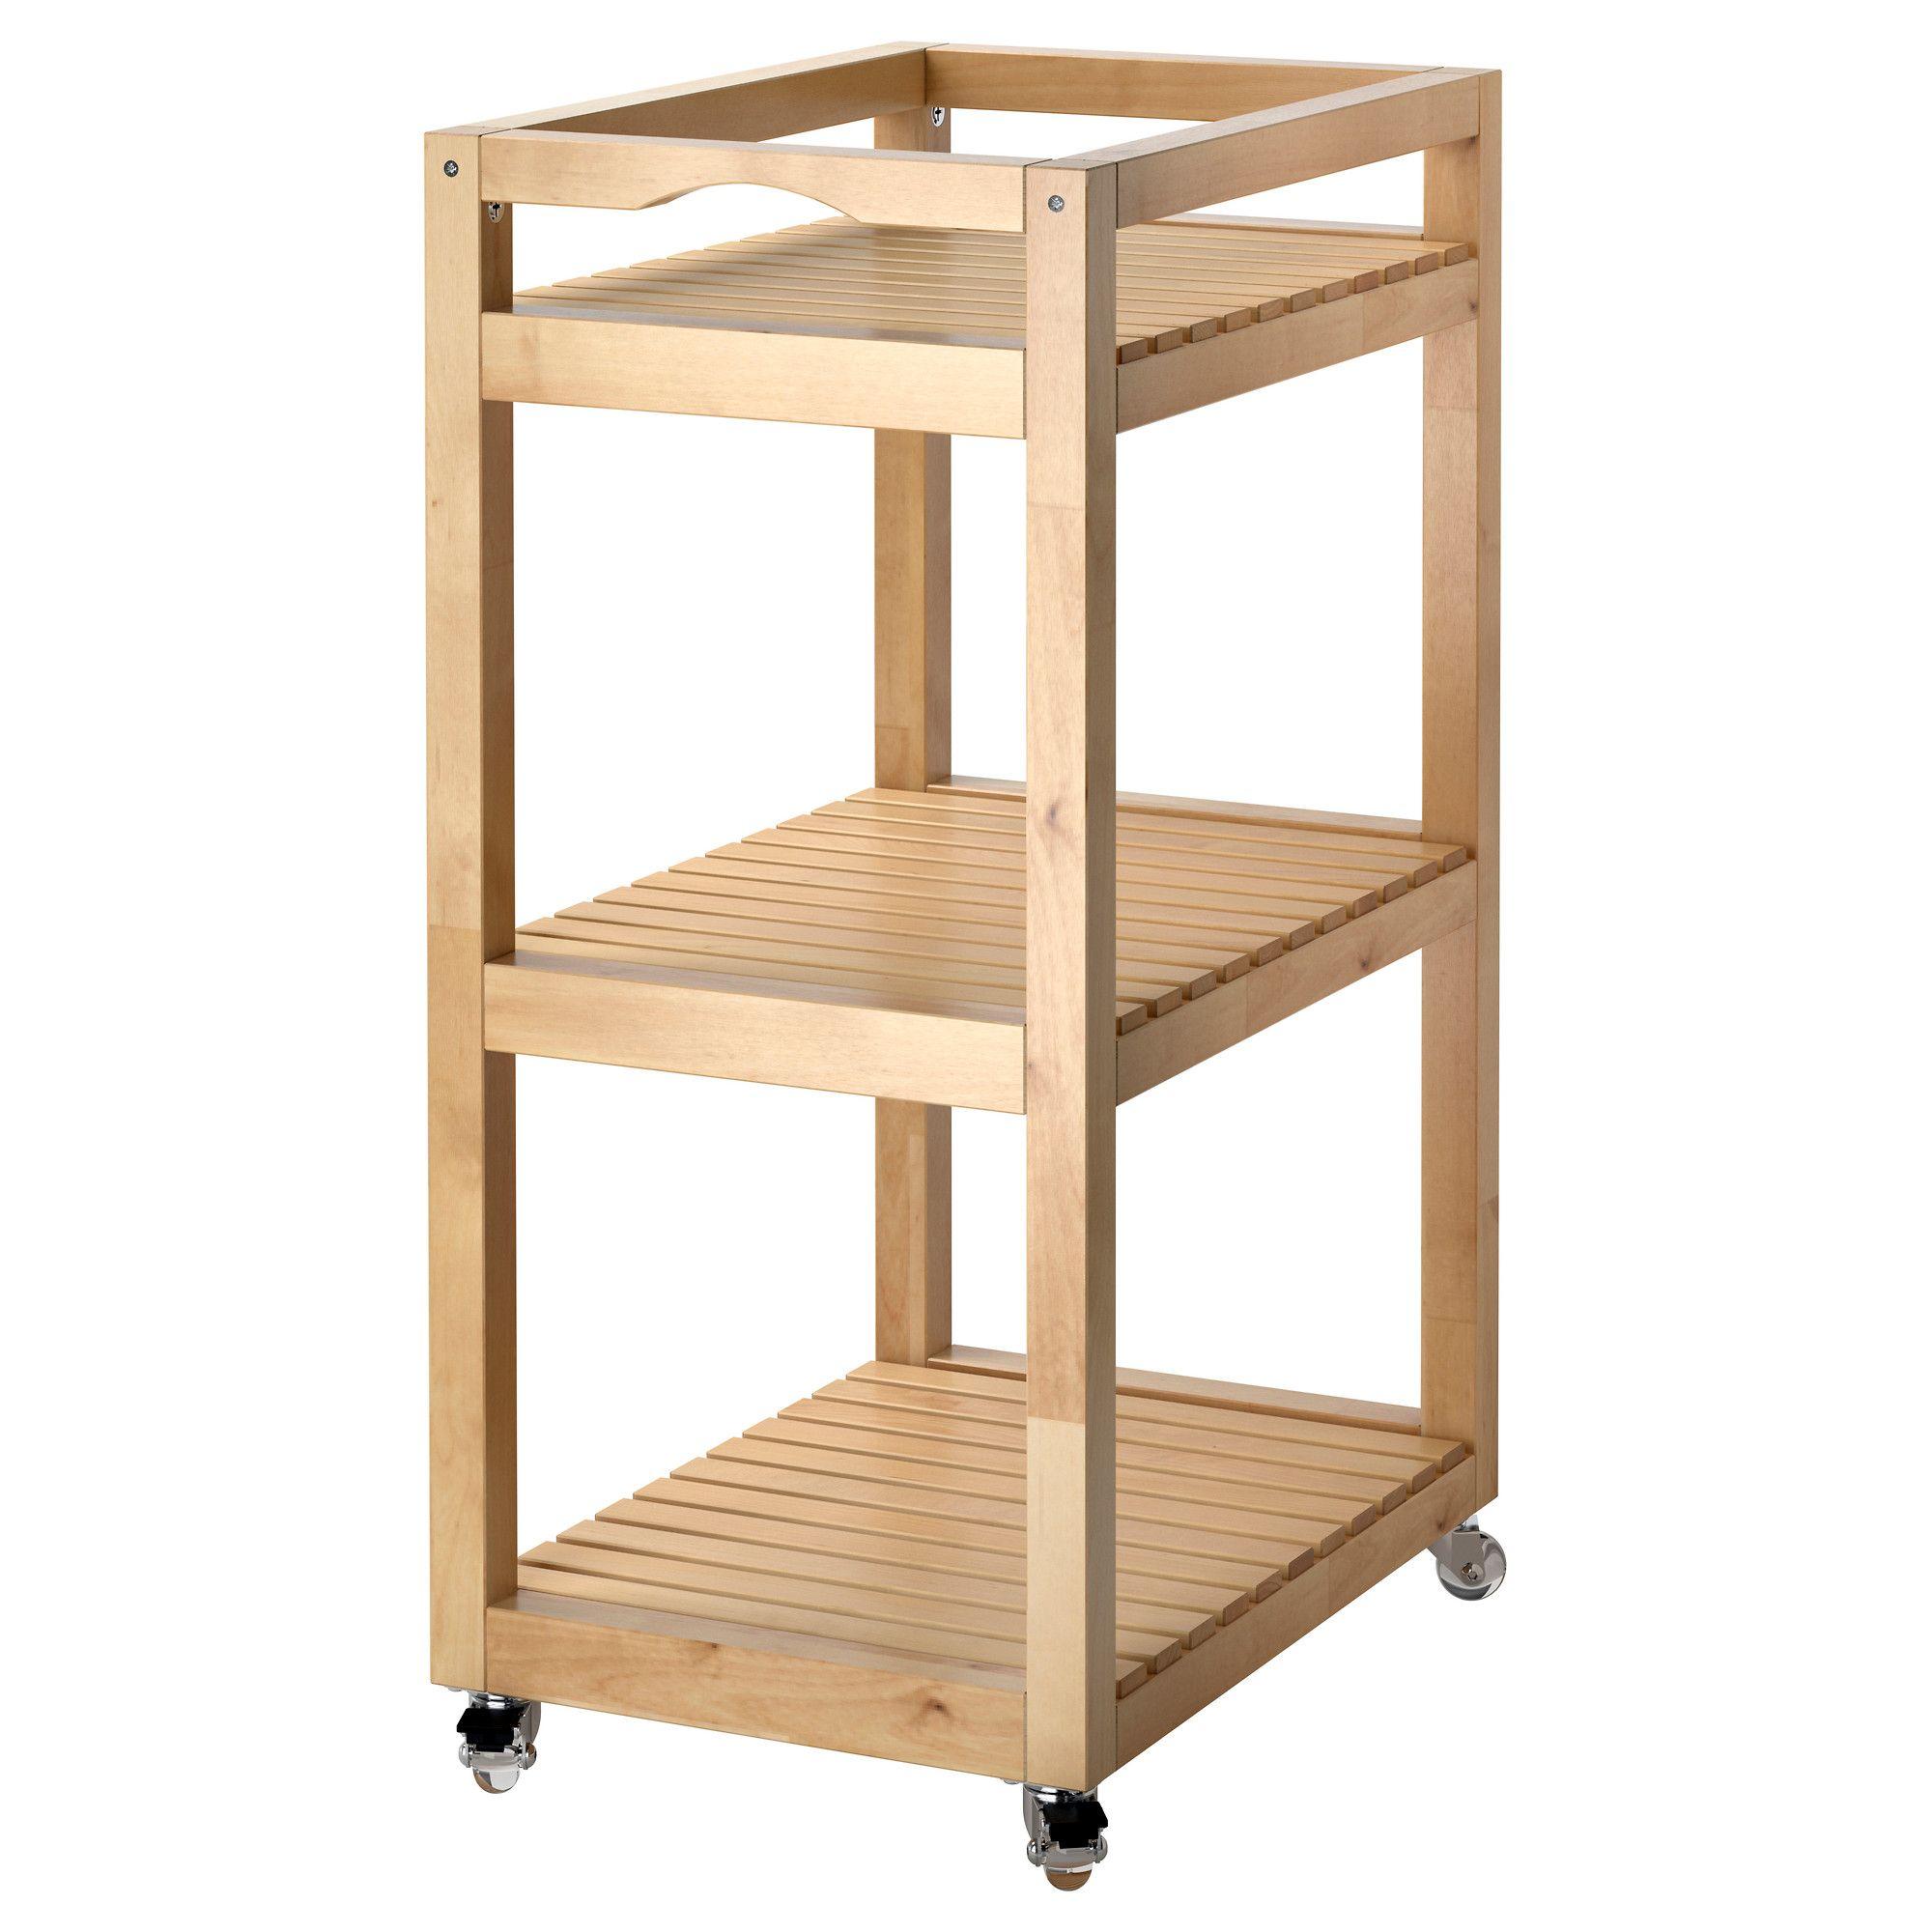 0d6779b07e22bc8135933cc6cef7a3be Incroyable De Armoire De Jardin Ikea Des Idées